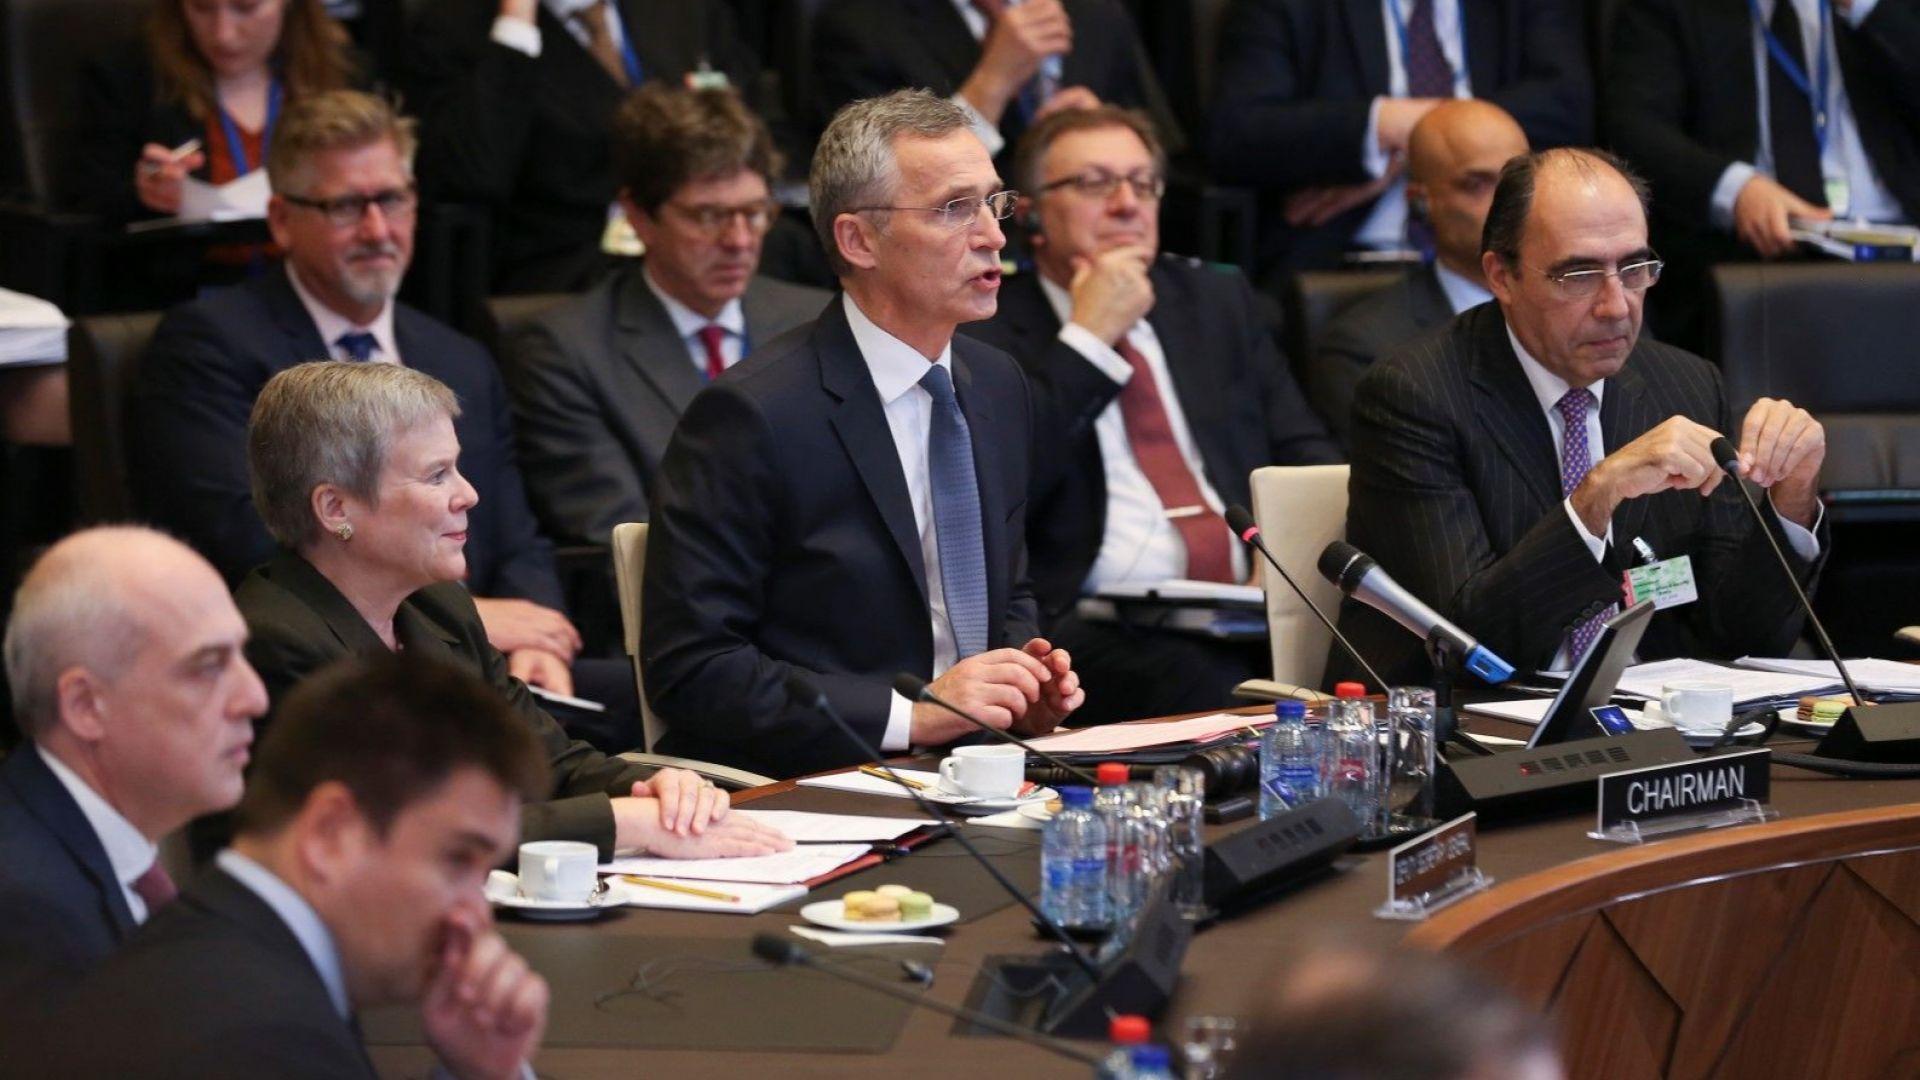 НАТО: Русия да пусне в Азовско море и военните кораби на Украйна